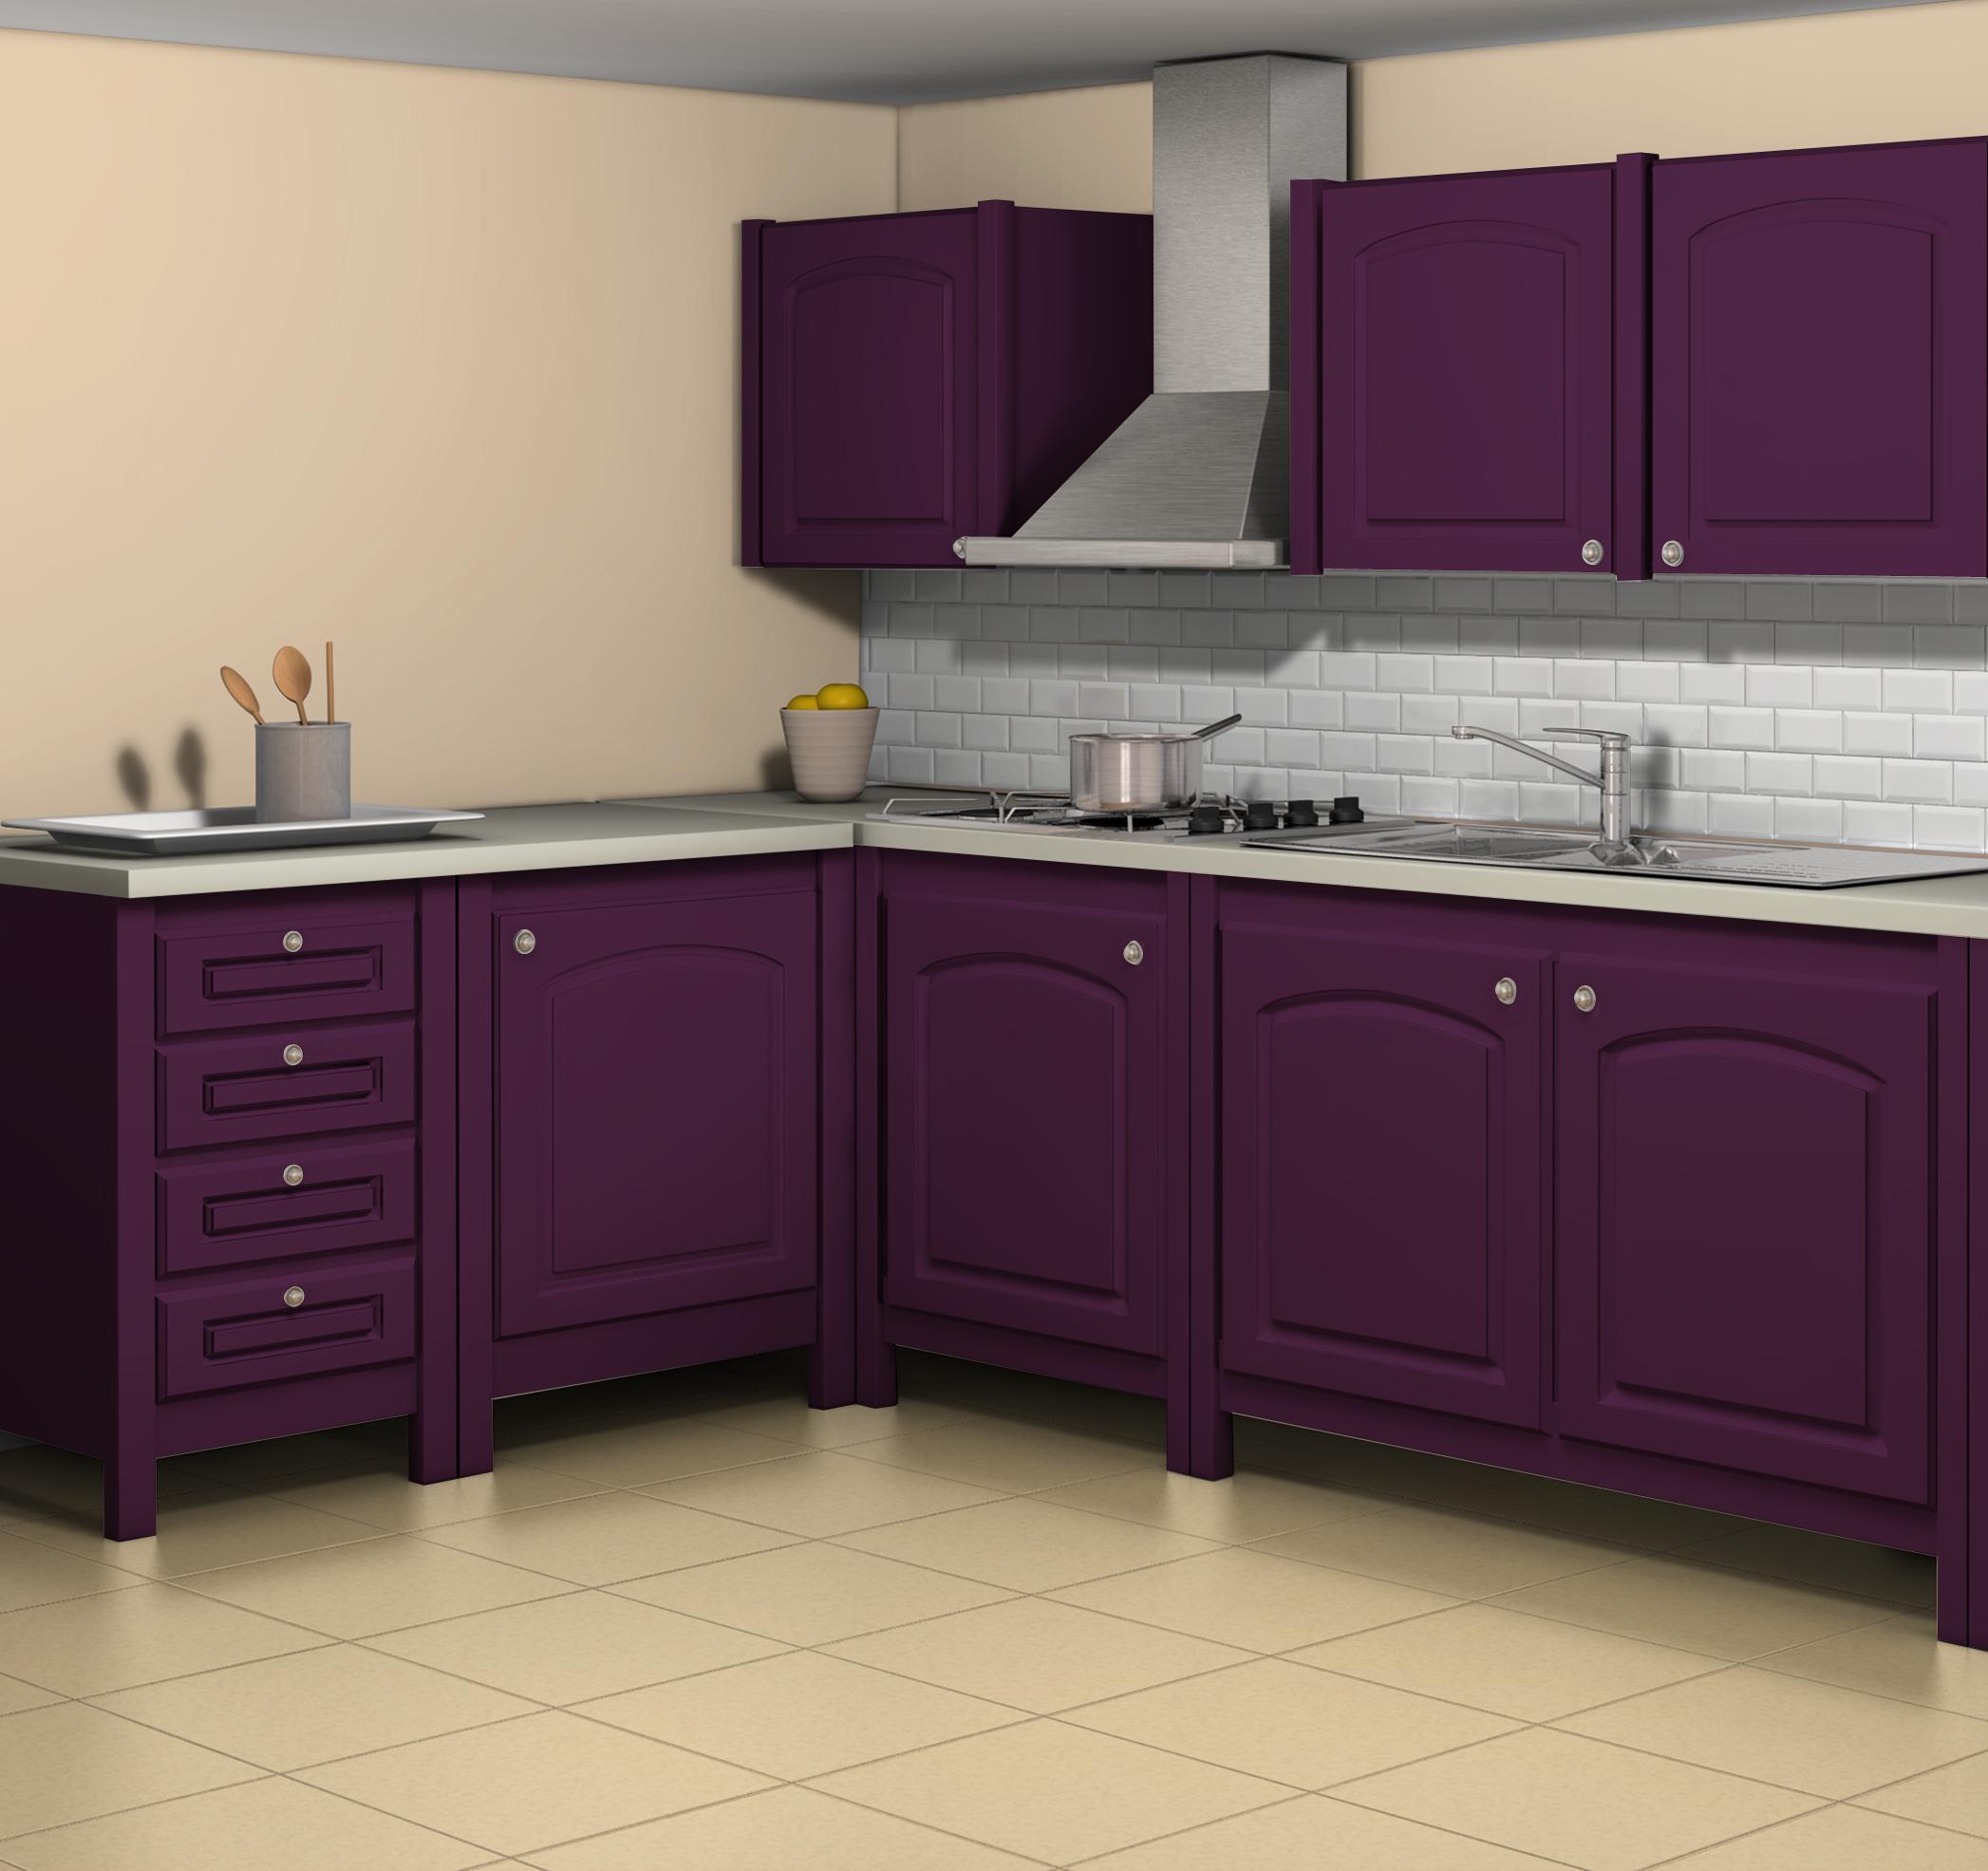 46+ Simulation couleur cuisine peinture trends